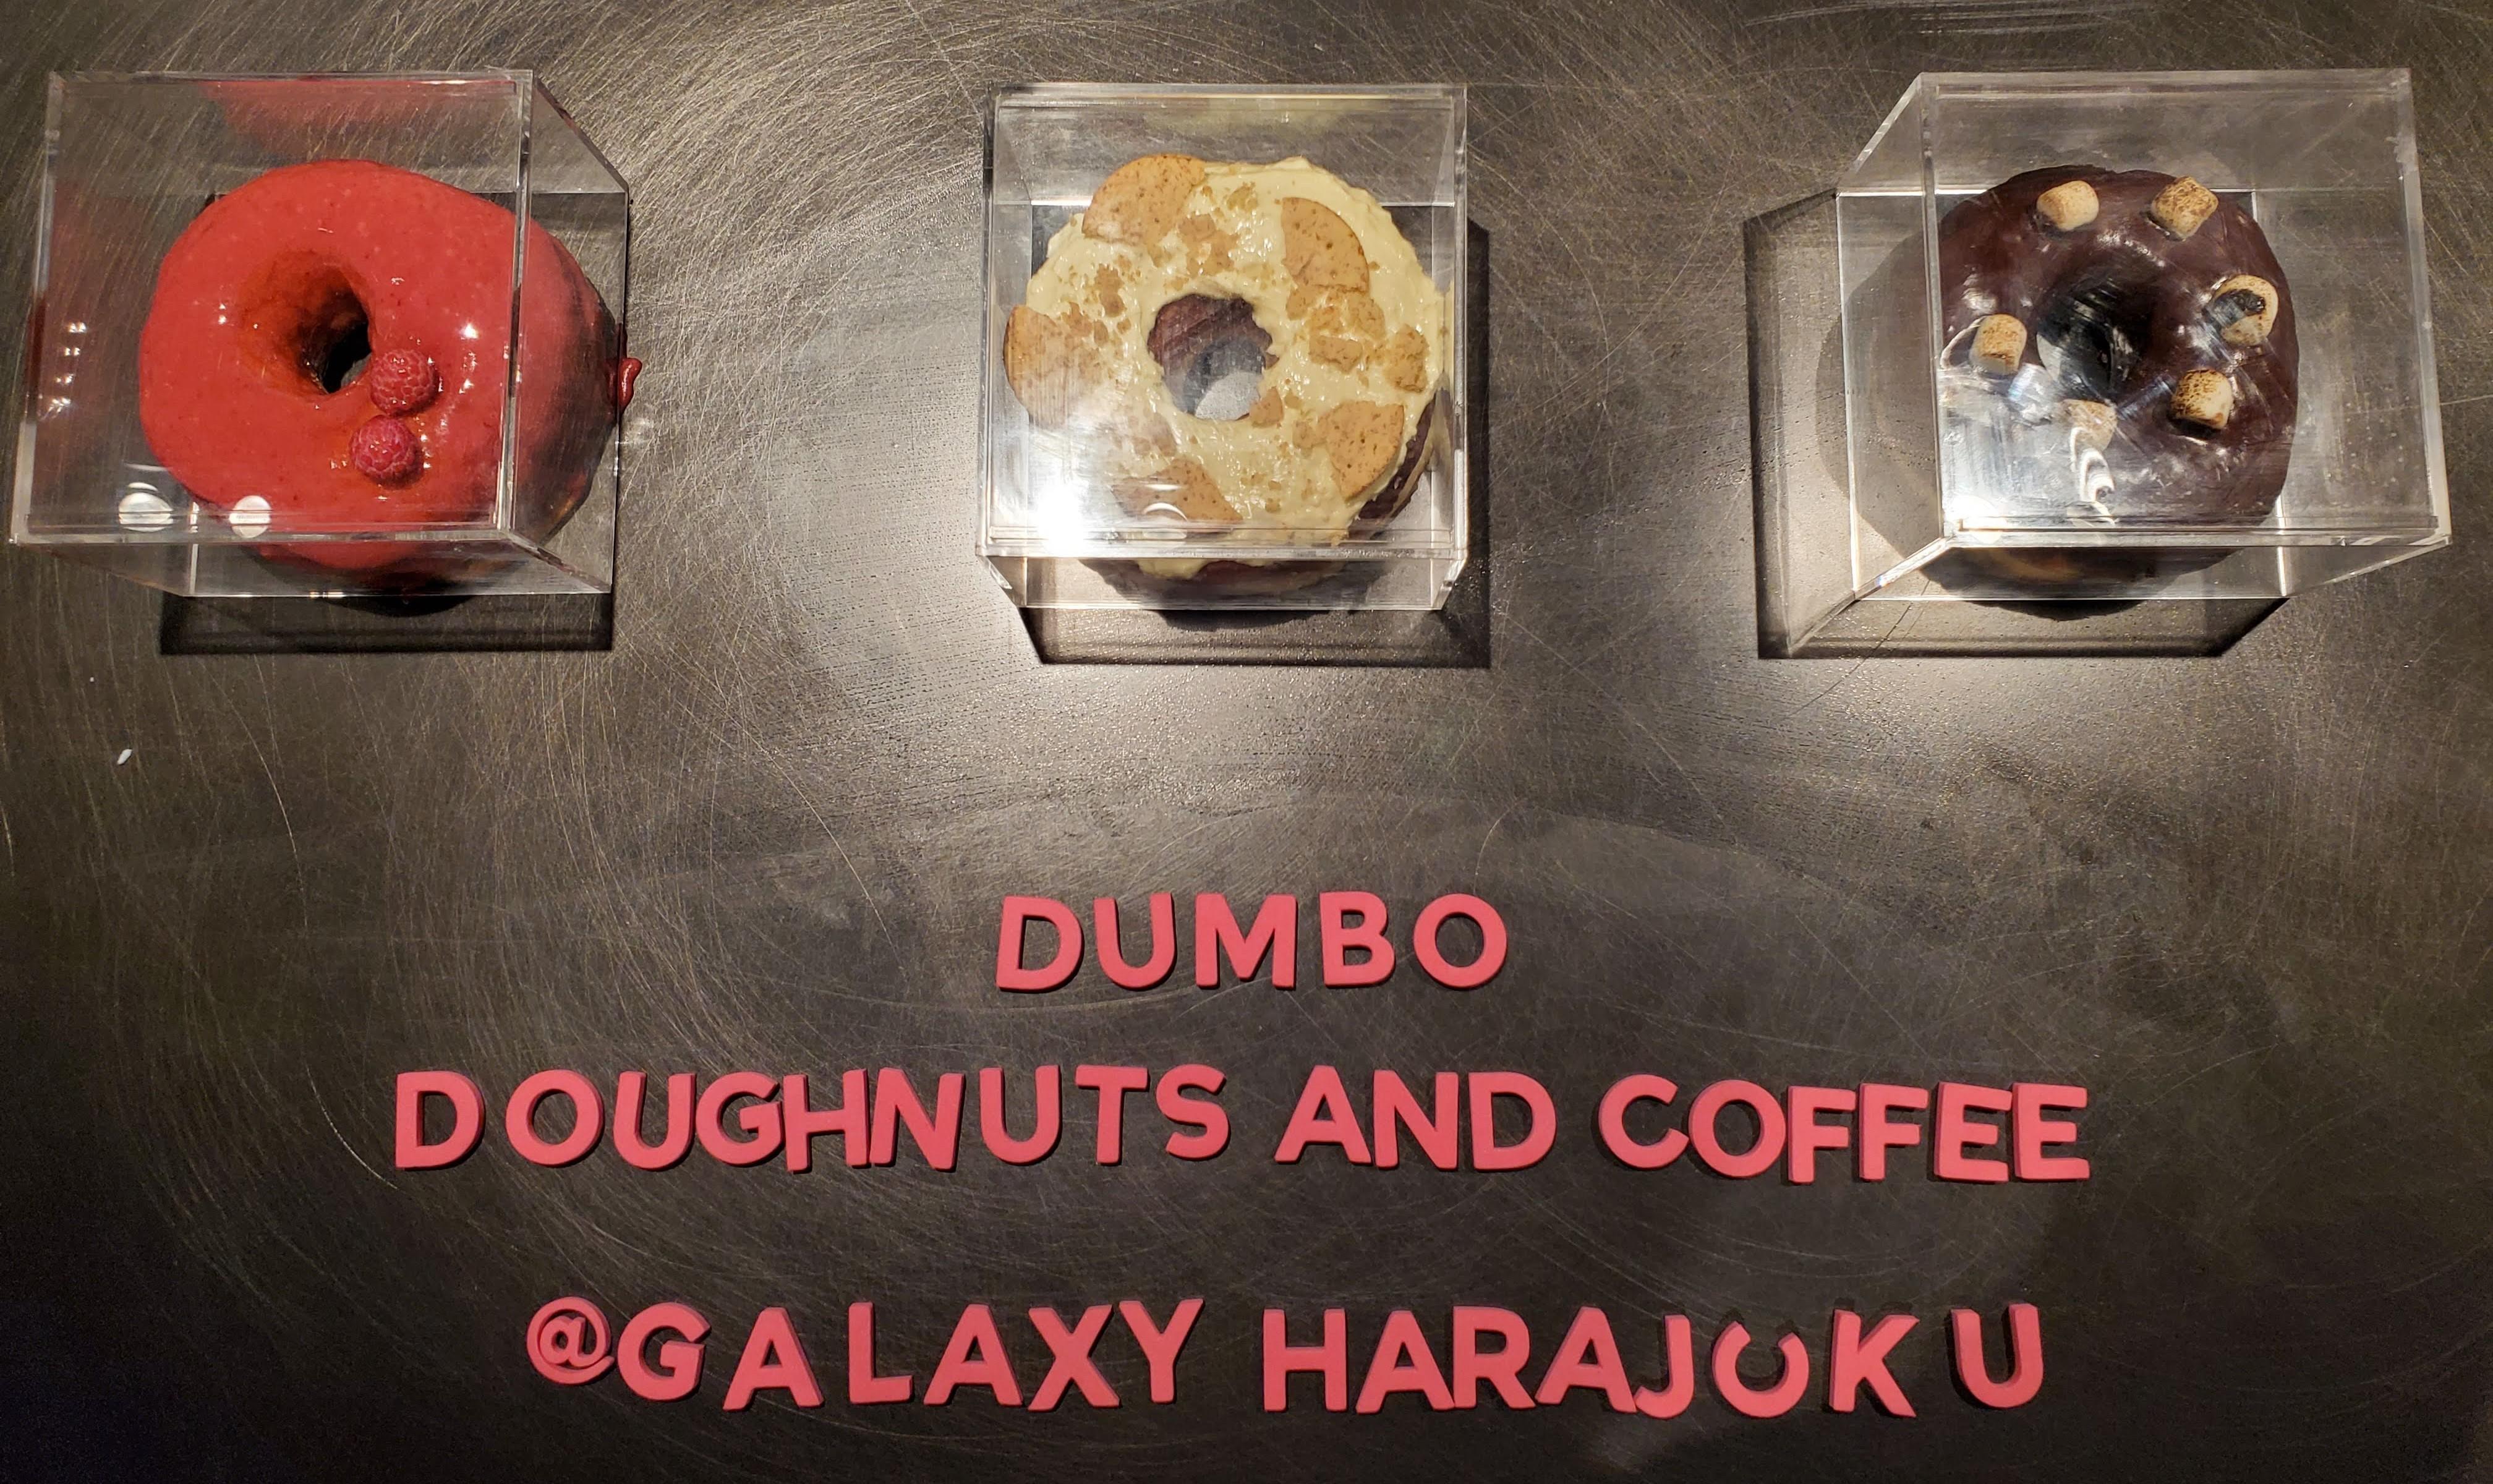 週末限定【無料プレゼント】Dumboドーナツ 「Galaxy ドーナツ」-Galaxy Harajuku